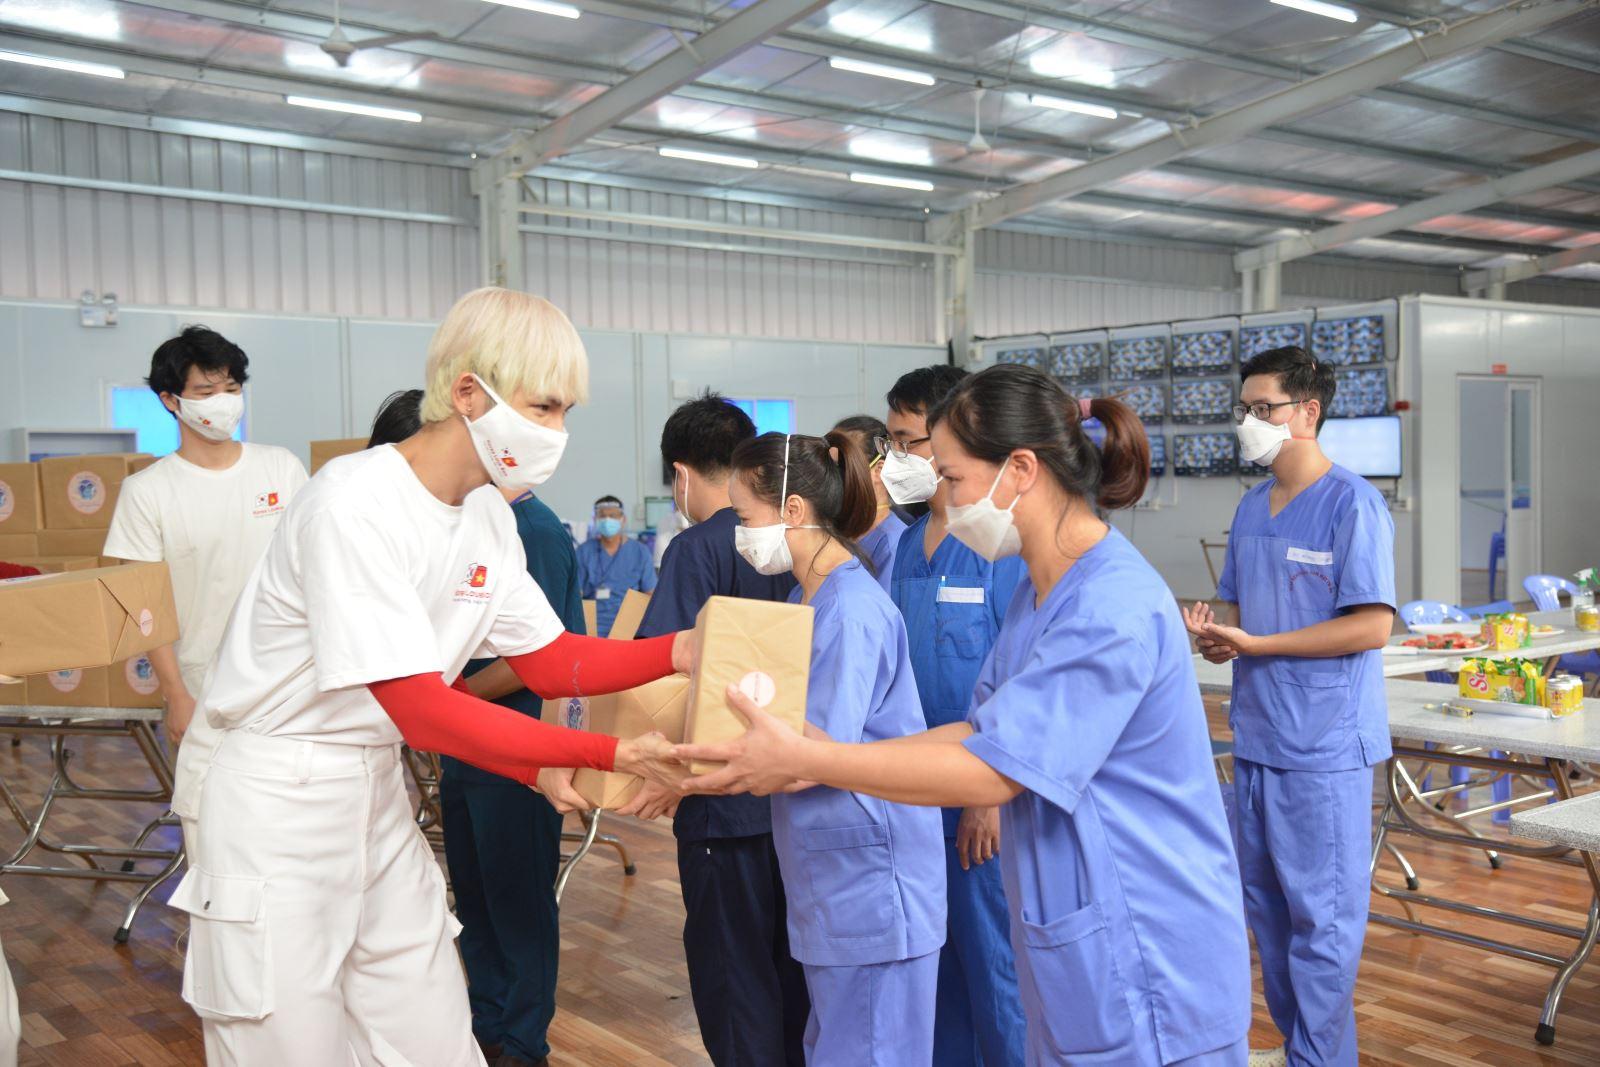 Các đơn vị, đoàn thể 'tiếp sức' cho đội ngũ y, bác sĩ tuyến đầu chống dịch tại TP Hồ Chí Minh - Ảnh 6.